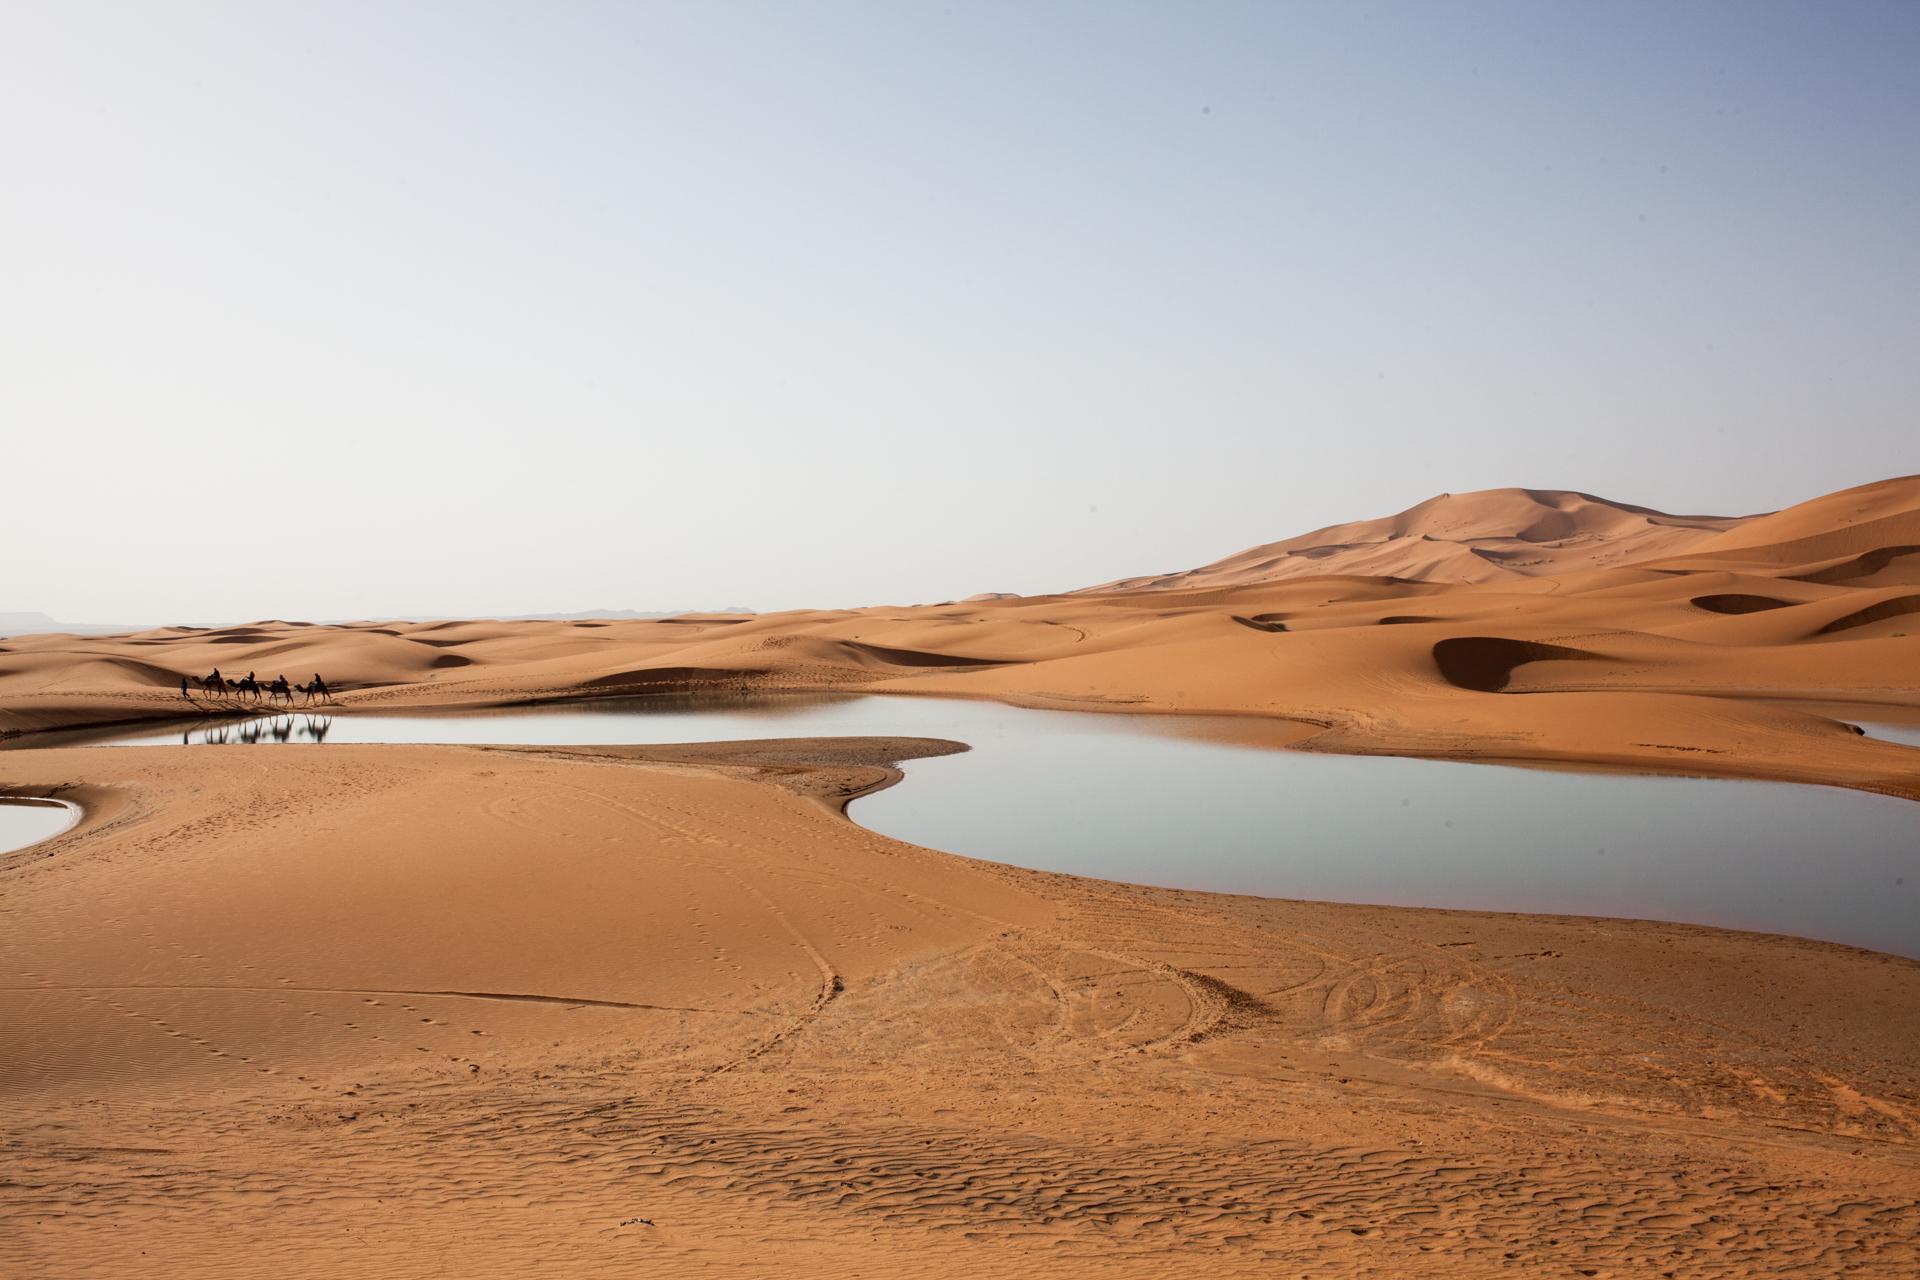 Morocco_Apr15__by_kingmouf-349